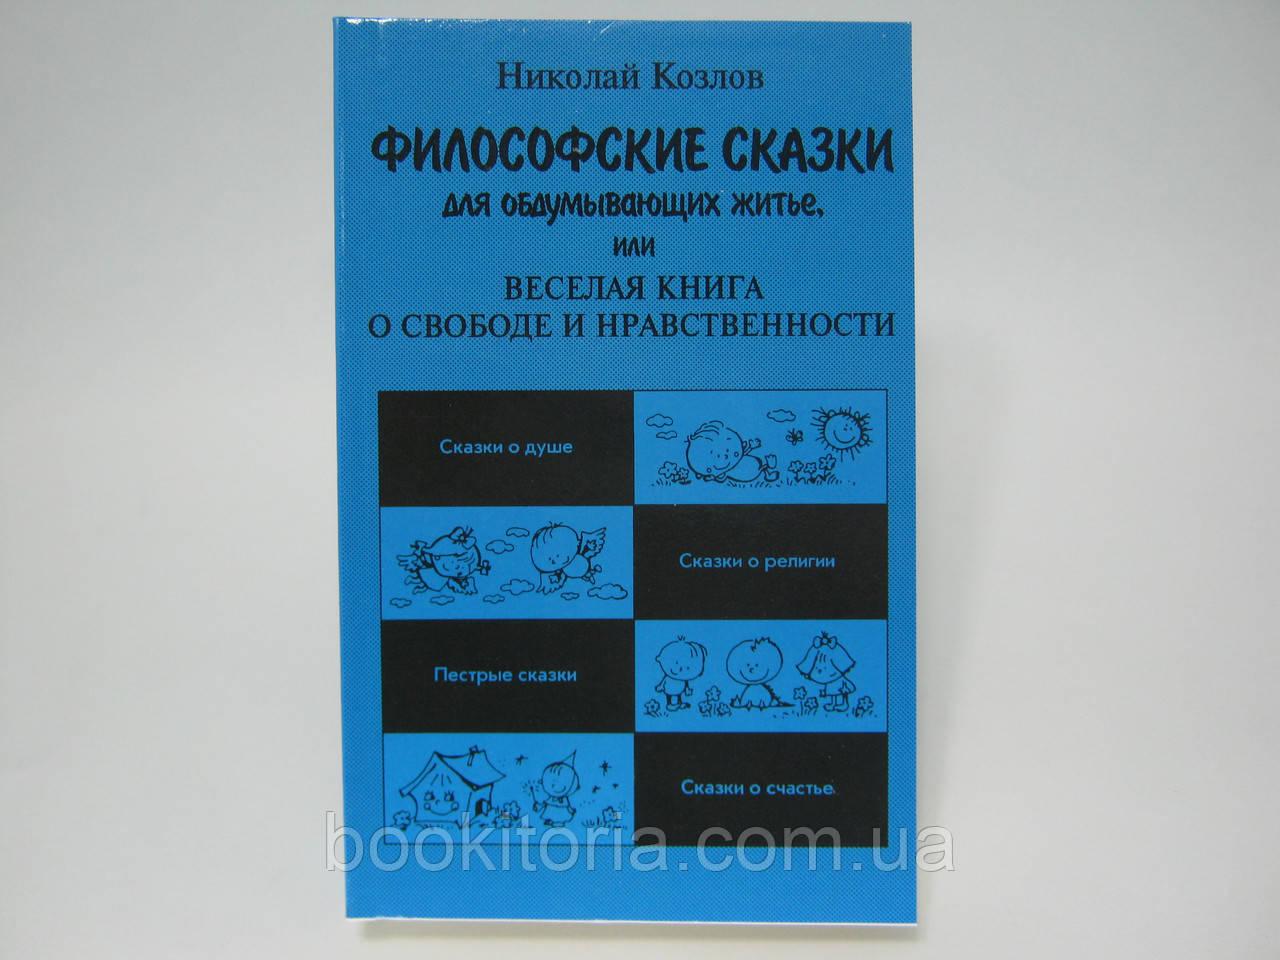 Козлов Н. Философские сказки для обдумывающих житье, или Веселая книга о свободе и нравственности.